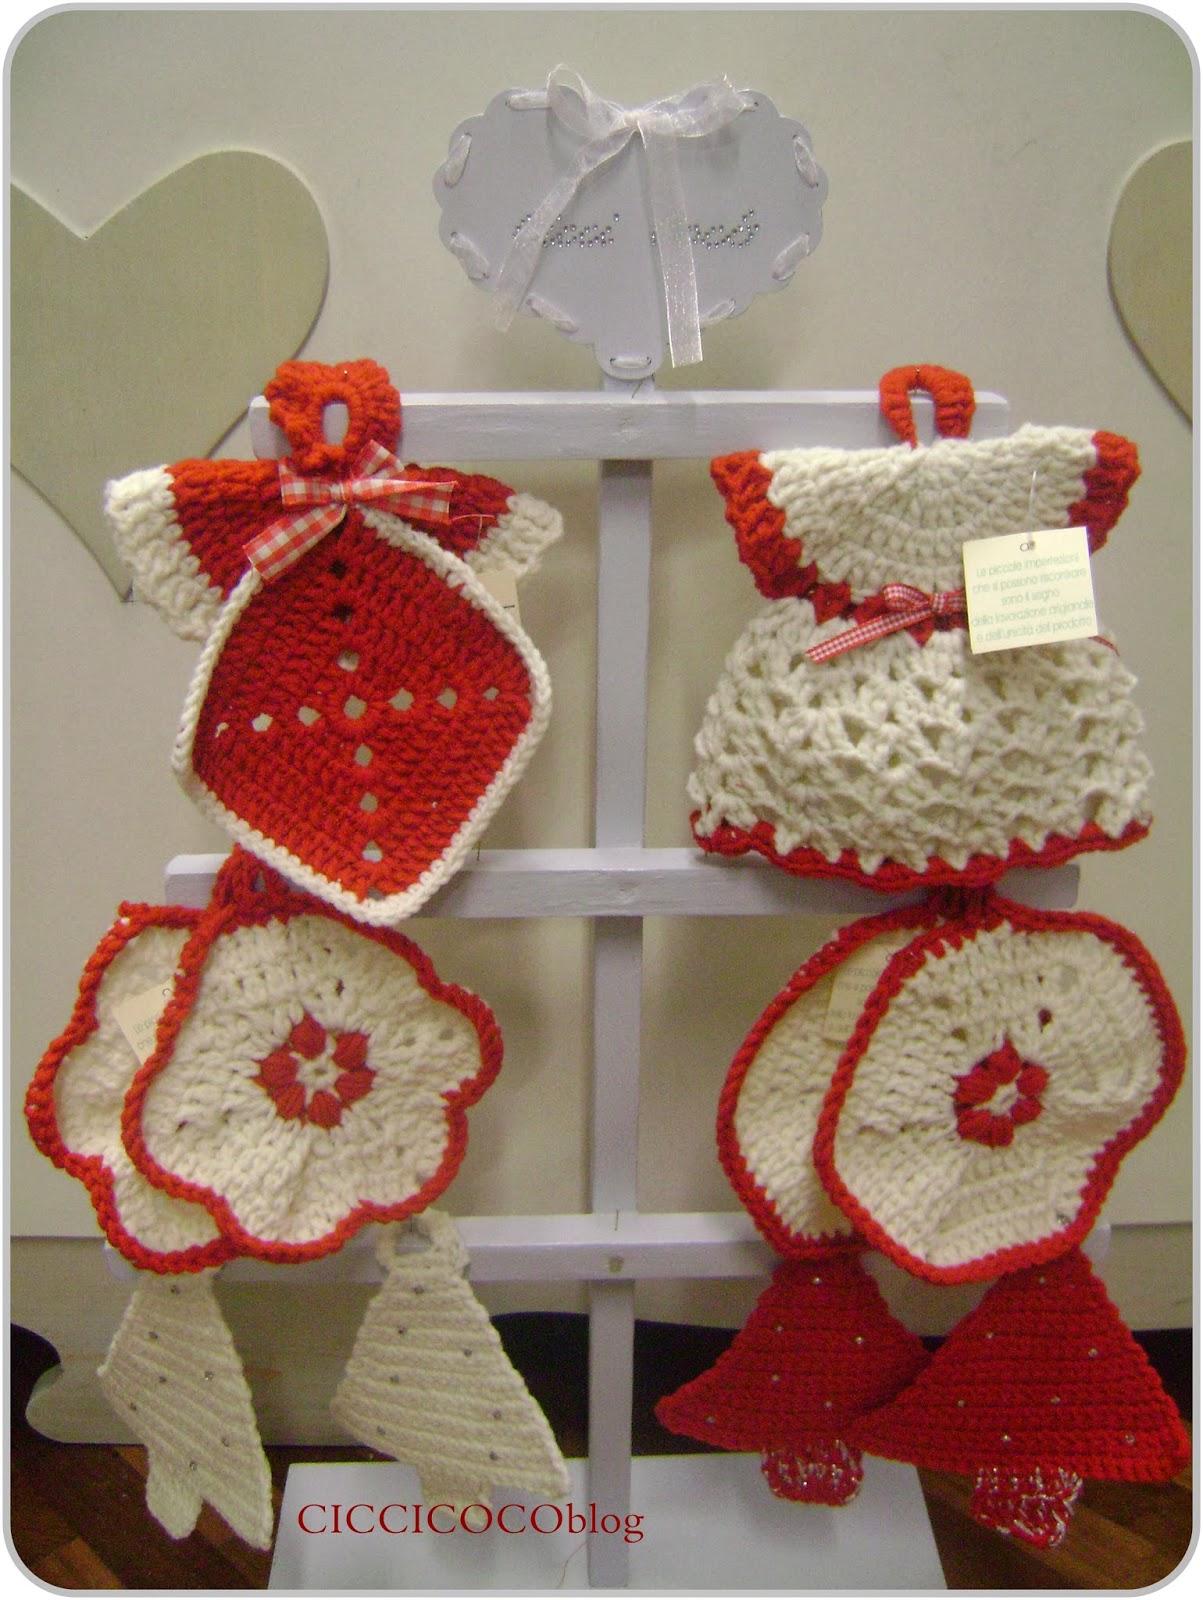 Ciccicocoblog idee regalo per natale presine uncinetto - Idee decorative per natale ...